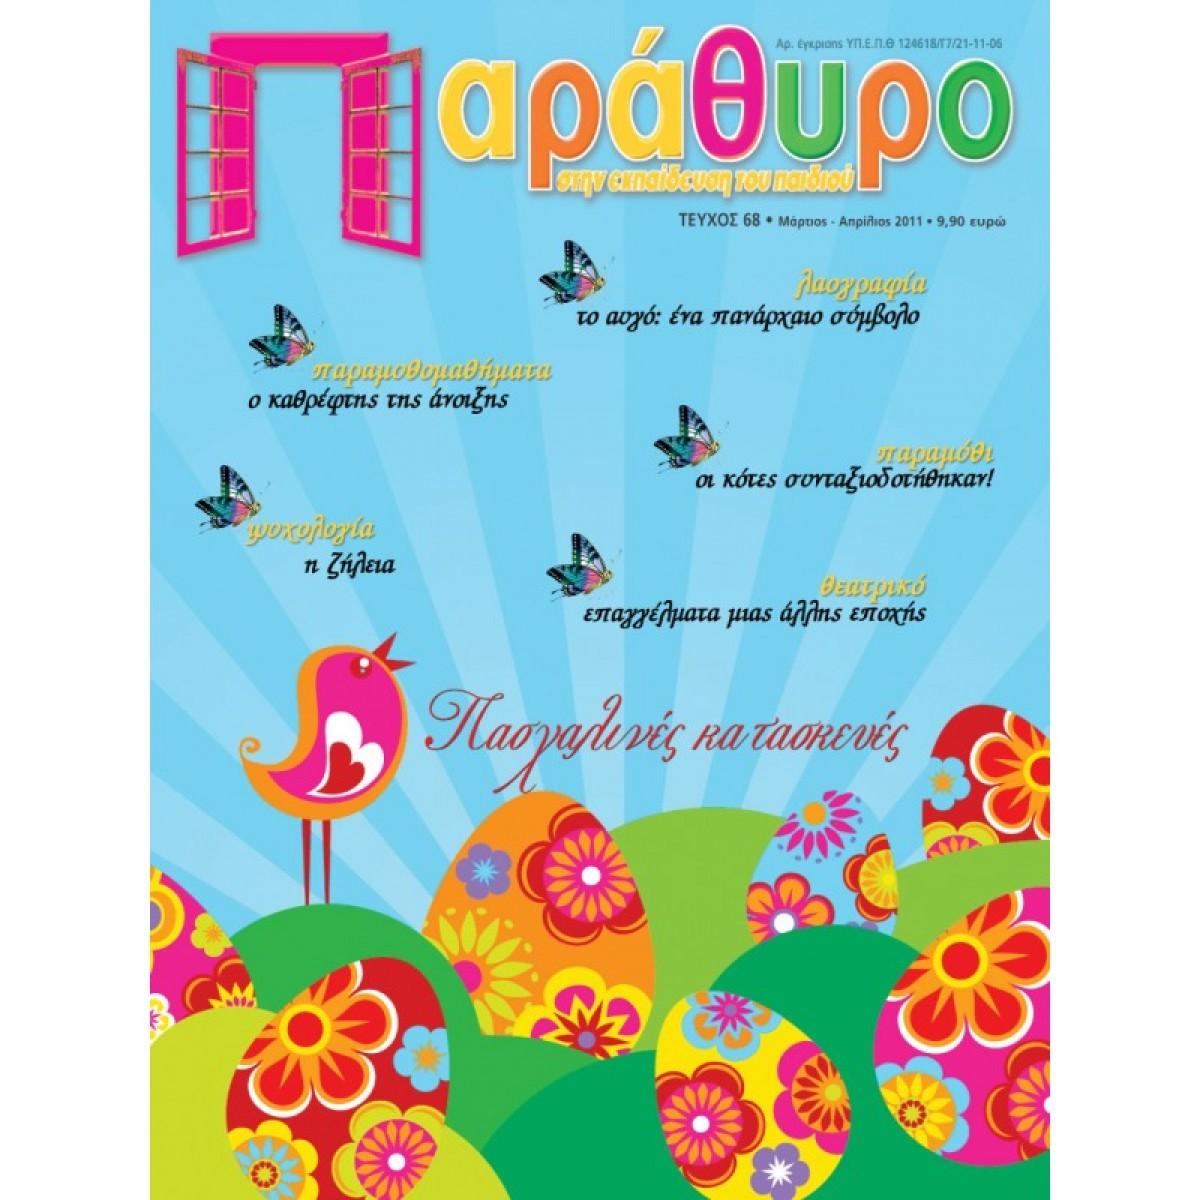 ΠΑΡΑΘΥΡΟ ΤΕΥΧΟΣ 68 Περιοδικό Παράθυρο